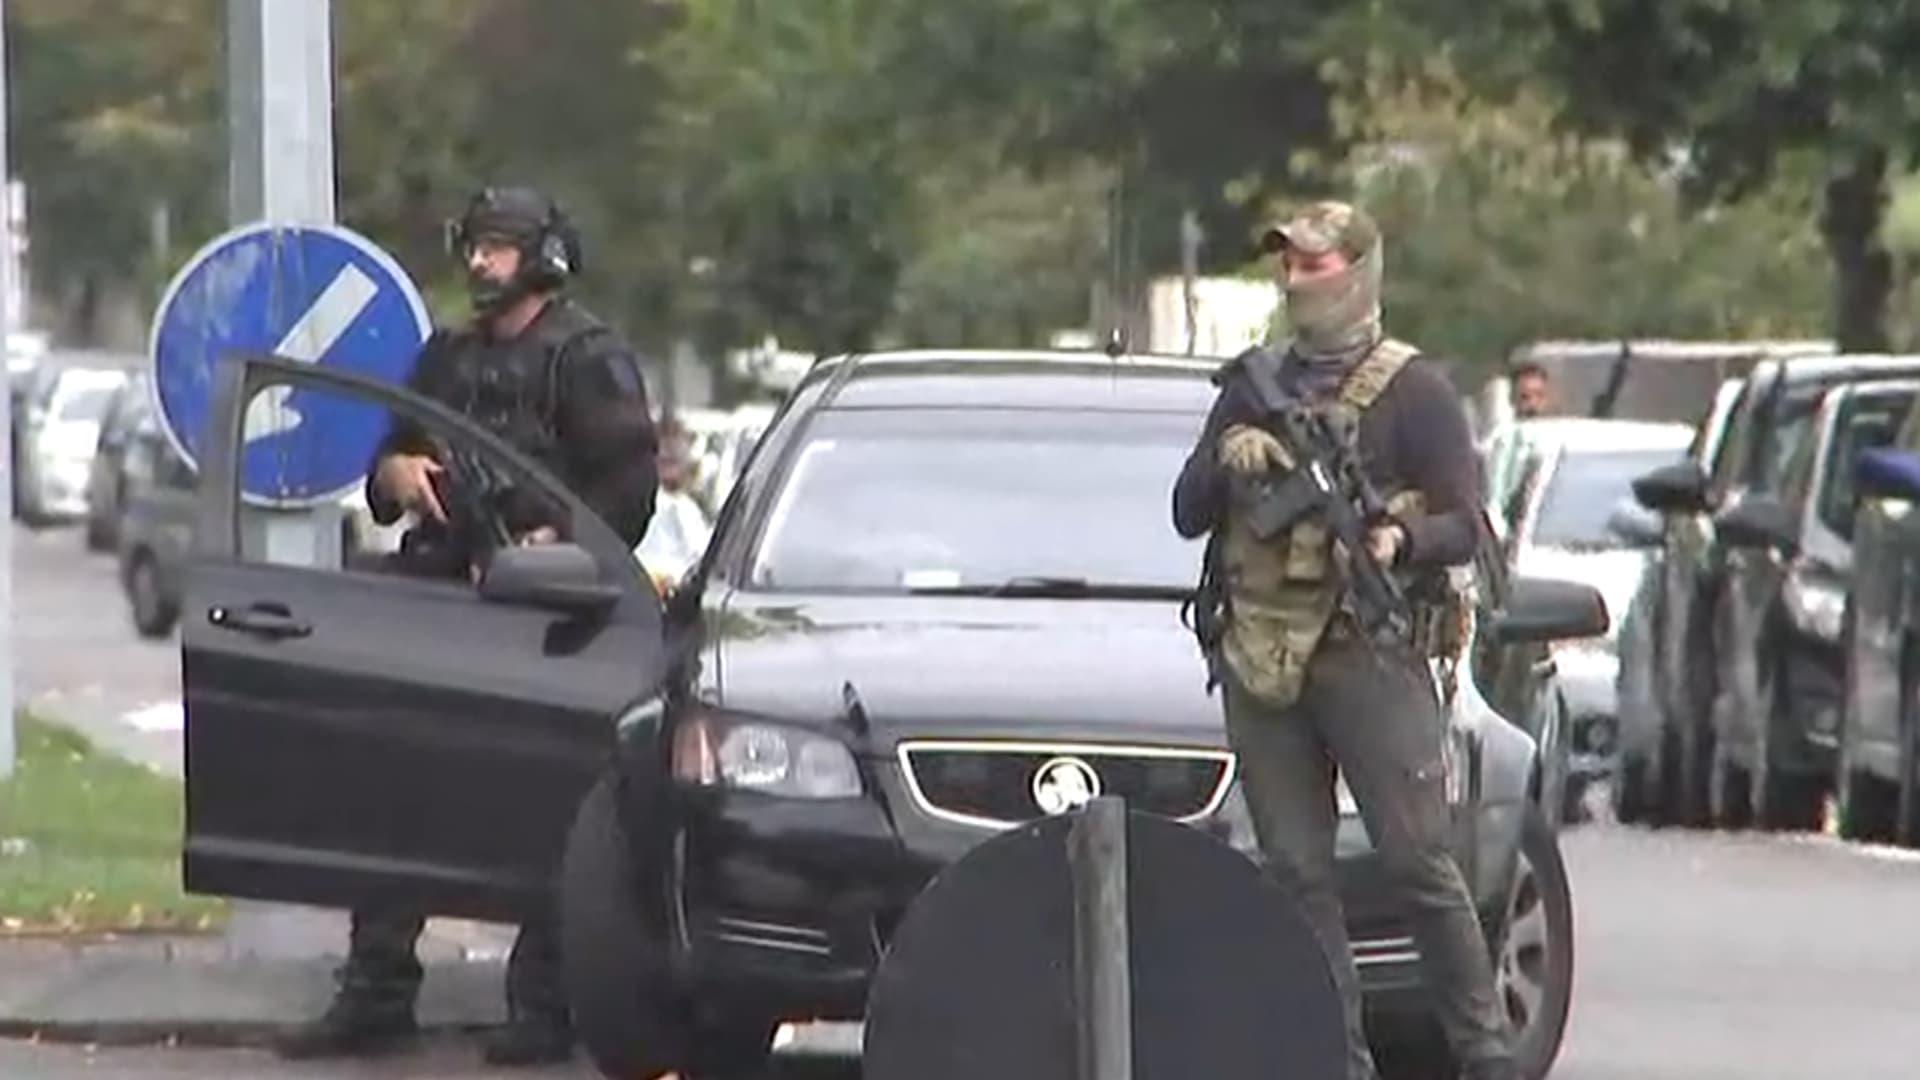 شاهد عيان يروي تفاصيل إطلاق النار في مسجد بنيوزلندا